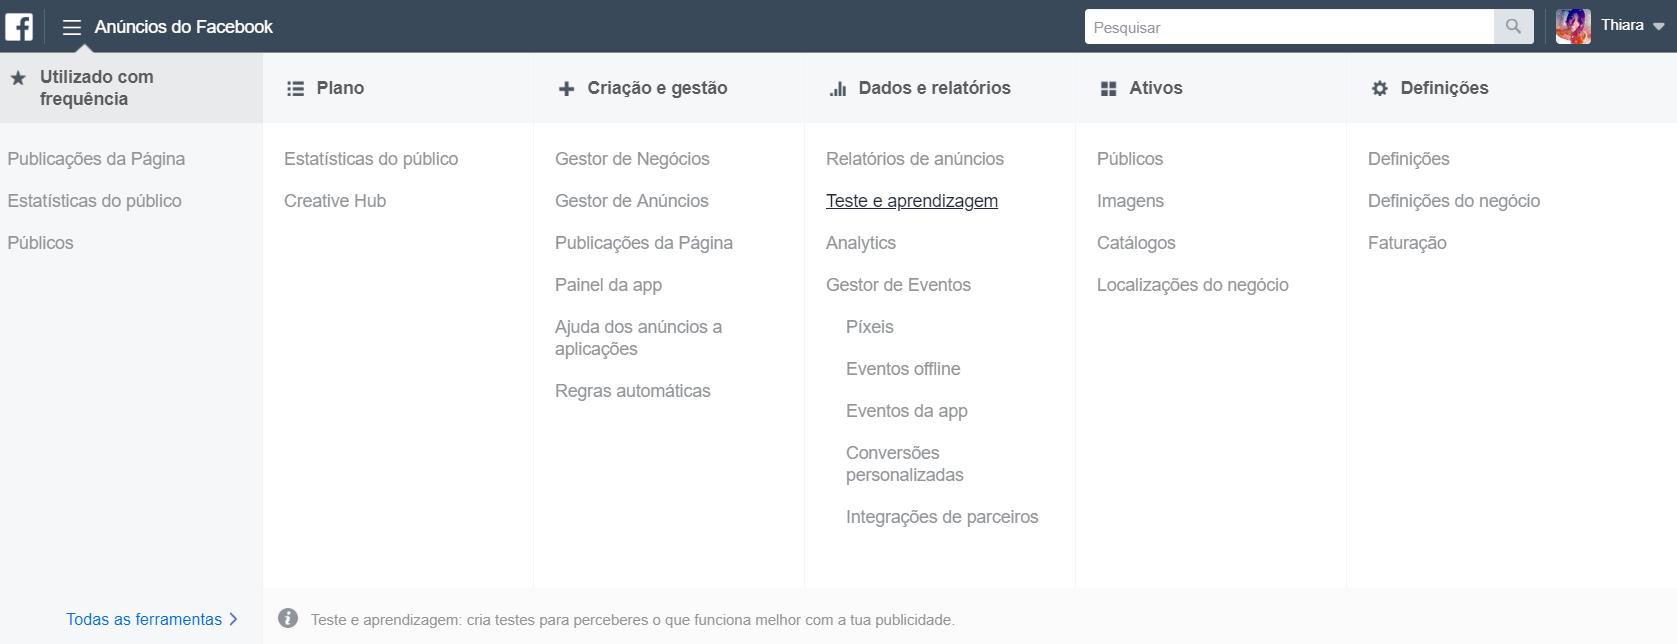 ferramenta-facebook-teste-aprendizagem-1